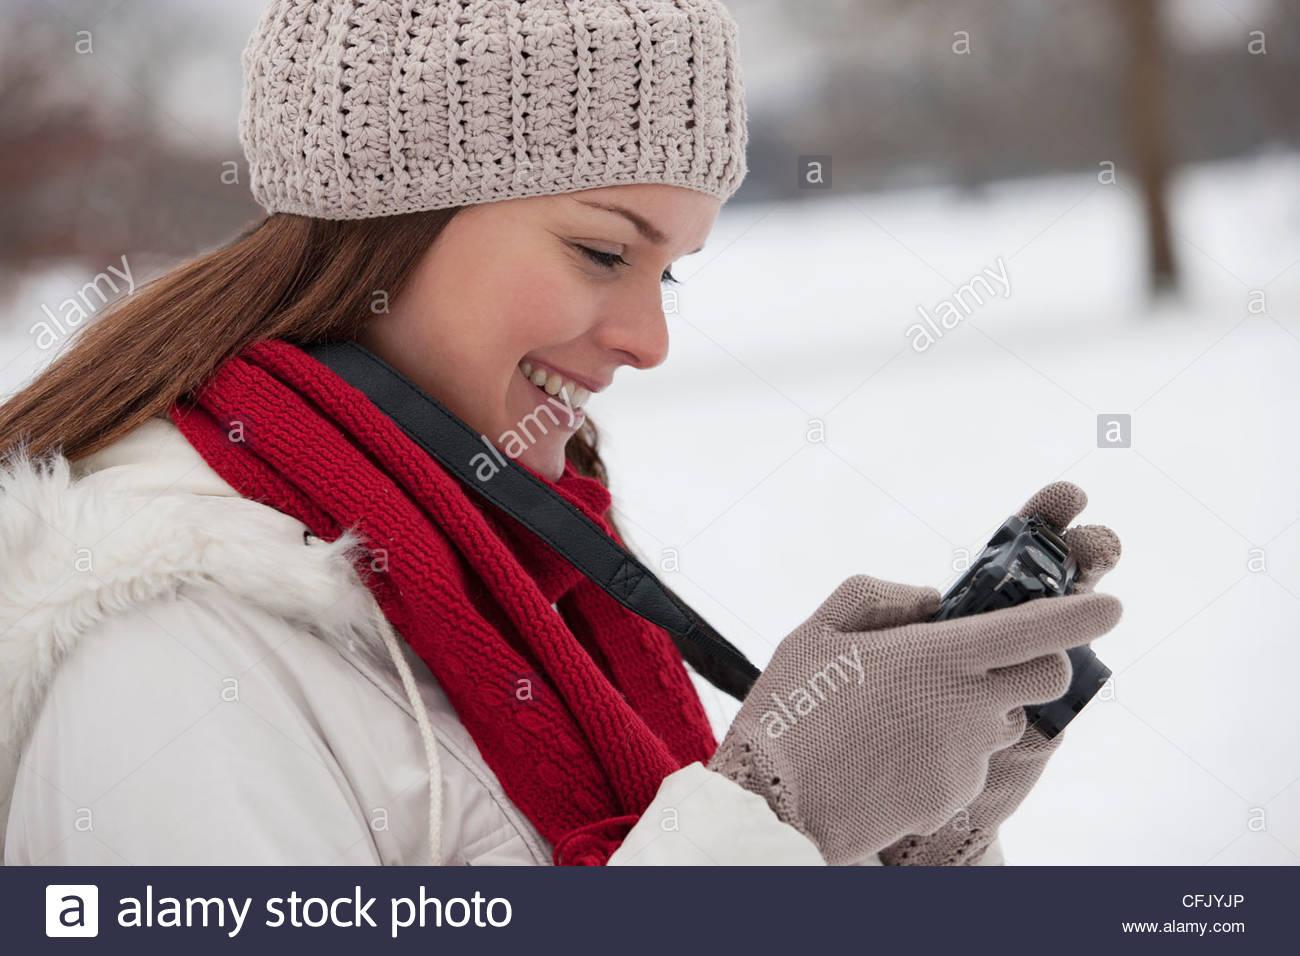 Eine junge Frau im Schnee stehen, betrachtet man ihre Kamera Stockbild